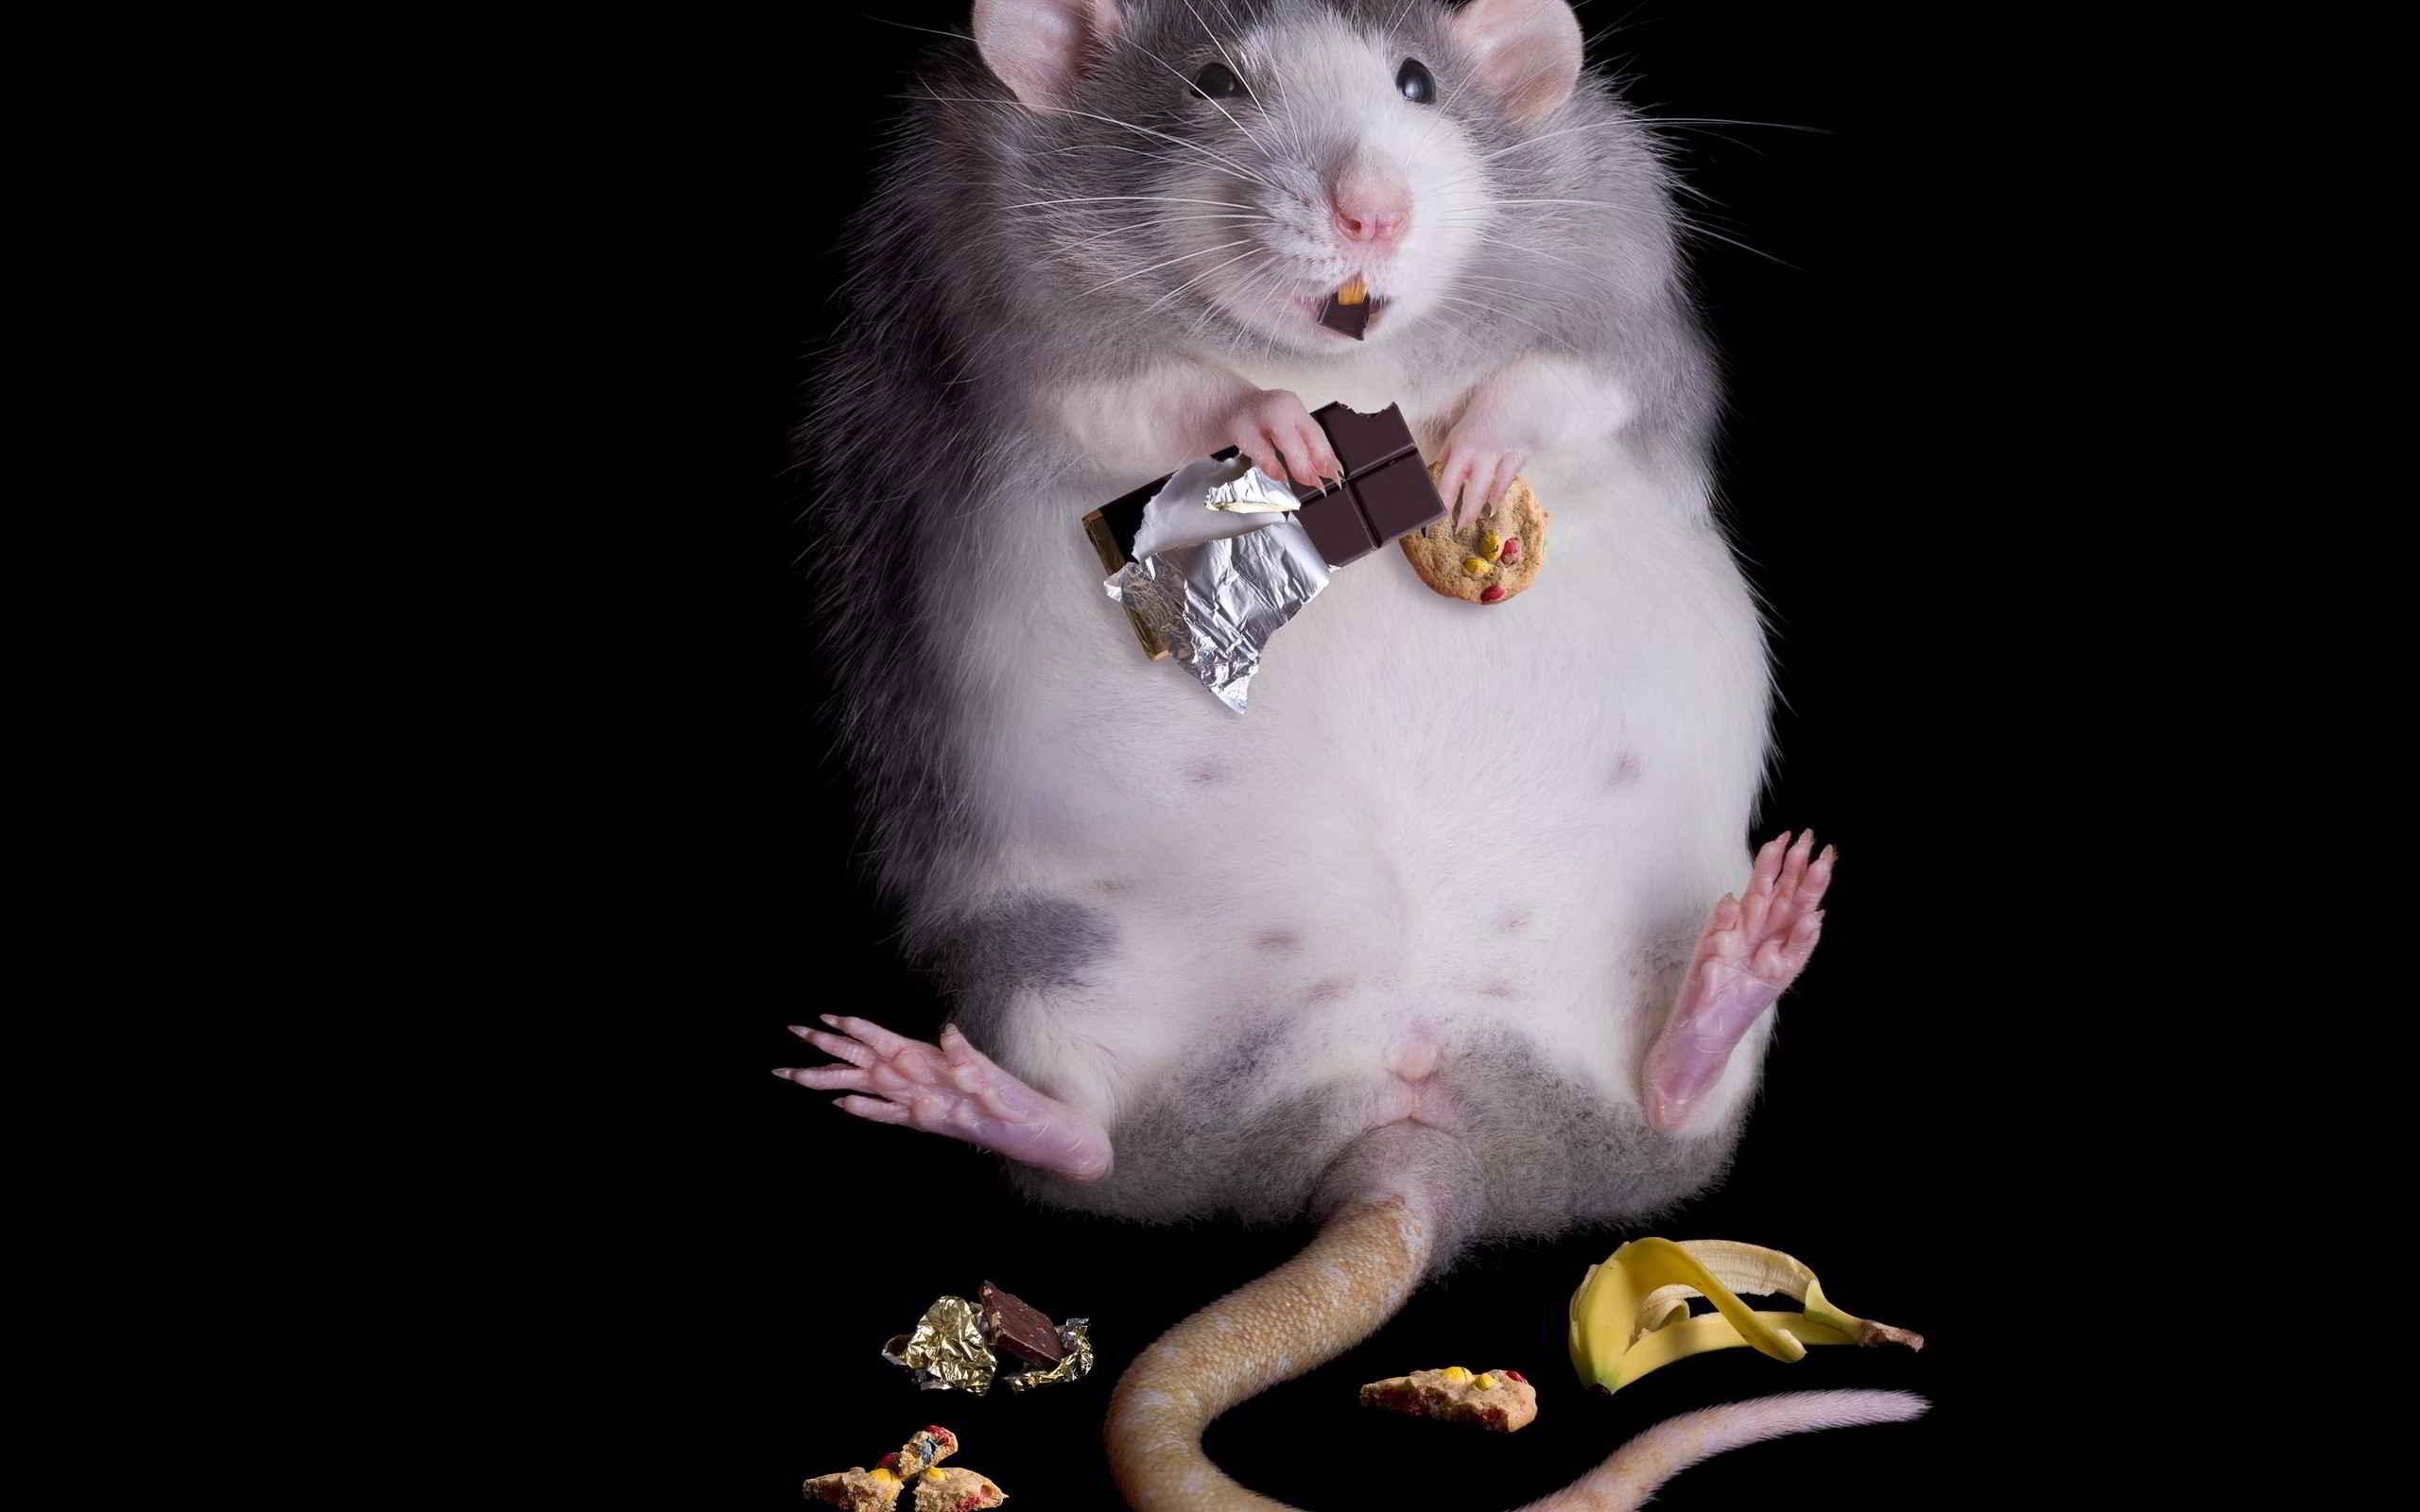 Прикольные картинки с крысами и мышами, прикольная